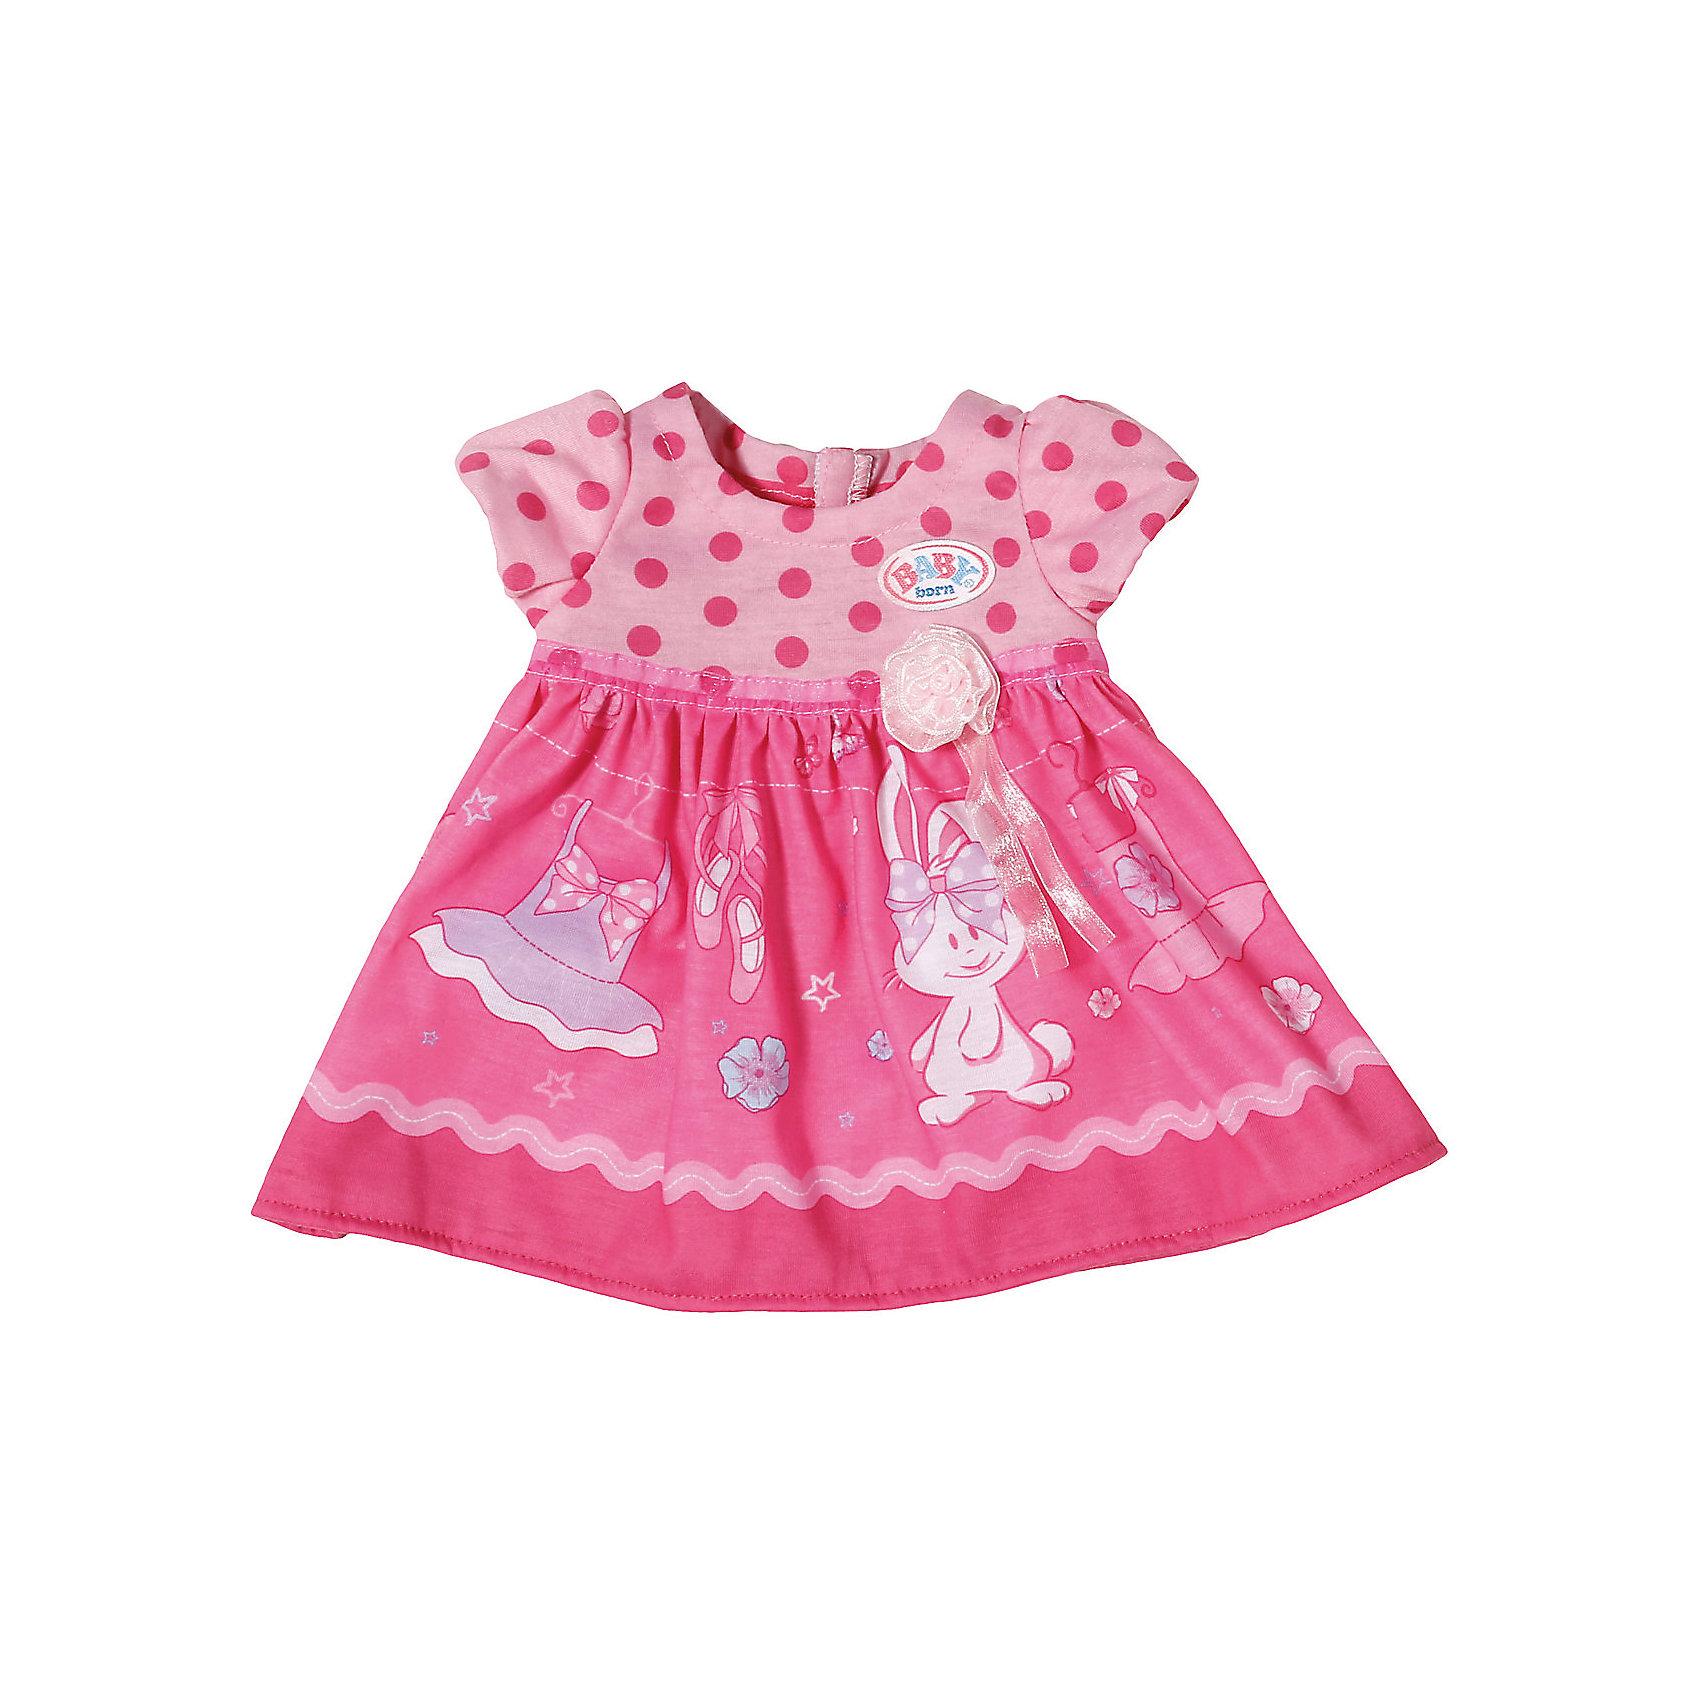 Платье для куклы, BABY born, темно-розовоеКукольная одежда и аксессуары<br>Характеристики товара:<br><br>• возраст от 3 лет;<br>• материал: текстиль;<br>• в комплекте: платье; <br>• размер упаковки 22х14х3 см;<br>• вес упаковки 55 гр.;<br>• страна производитель: Китай.<br><br>Платье для куклы Baby Born темно-розовое разнообразит гардероб любимой куколки Baby Born от Zapf Creation. Розовое платье украшено принтом в виде зайчика. Платье сделано из качественного материала.<br><br>Платье для куклы Baby Born темно-розовое можно приобрести в нашем интернет-магазине.<br><br>Ширина мм: 200<br>Глубина мм: 136<br>Высота мм: 40<br>Вес г: 55<br>Возраст от месяцев: 36<br>Возраст до месяцев: 60<br>Пол: Женский<br>Возраст: Детский<br>SKU: 6739776